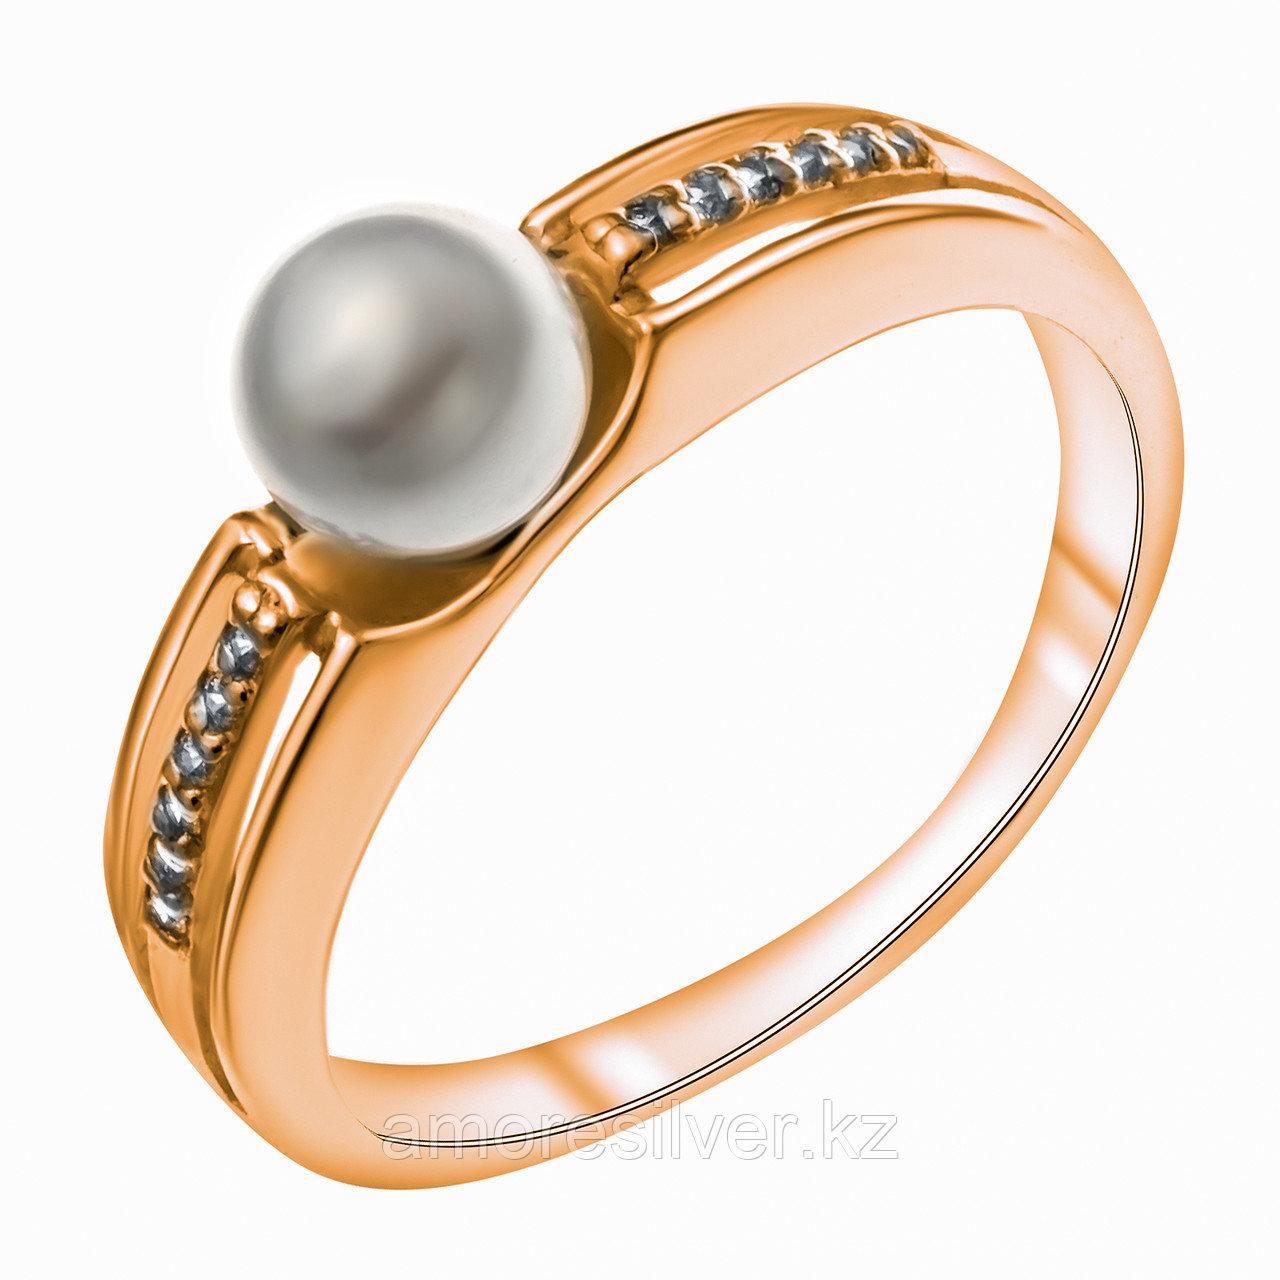 Серебряное кольцо с жемчугом имитированным и фианитом    Красная Пресня 23610141Д размеры - 18